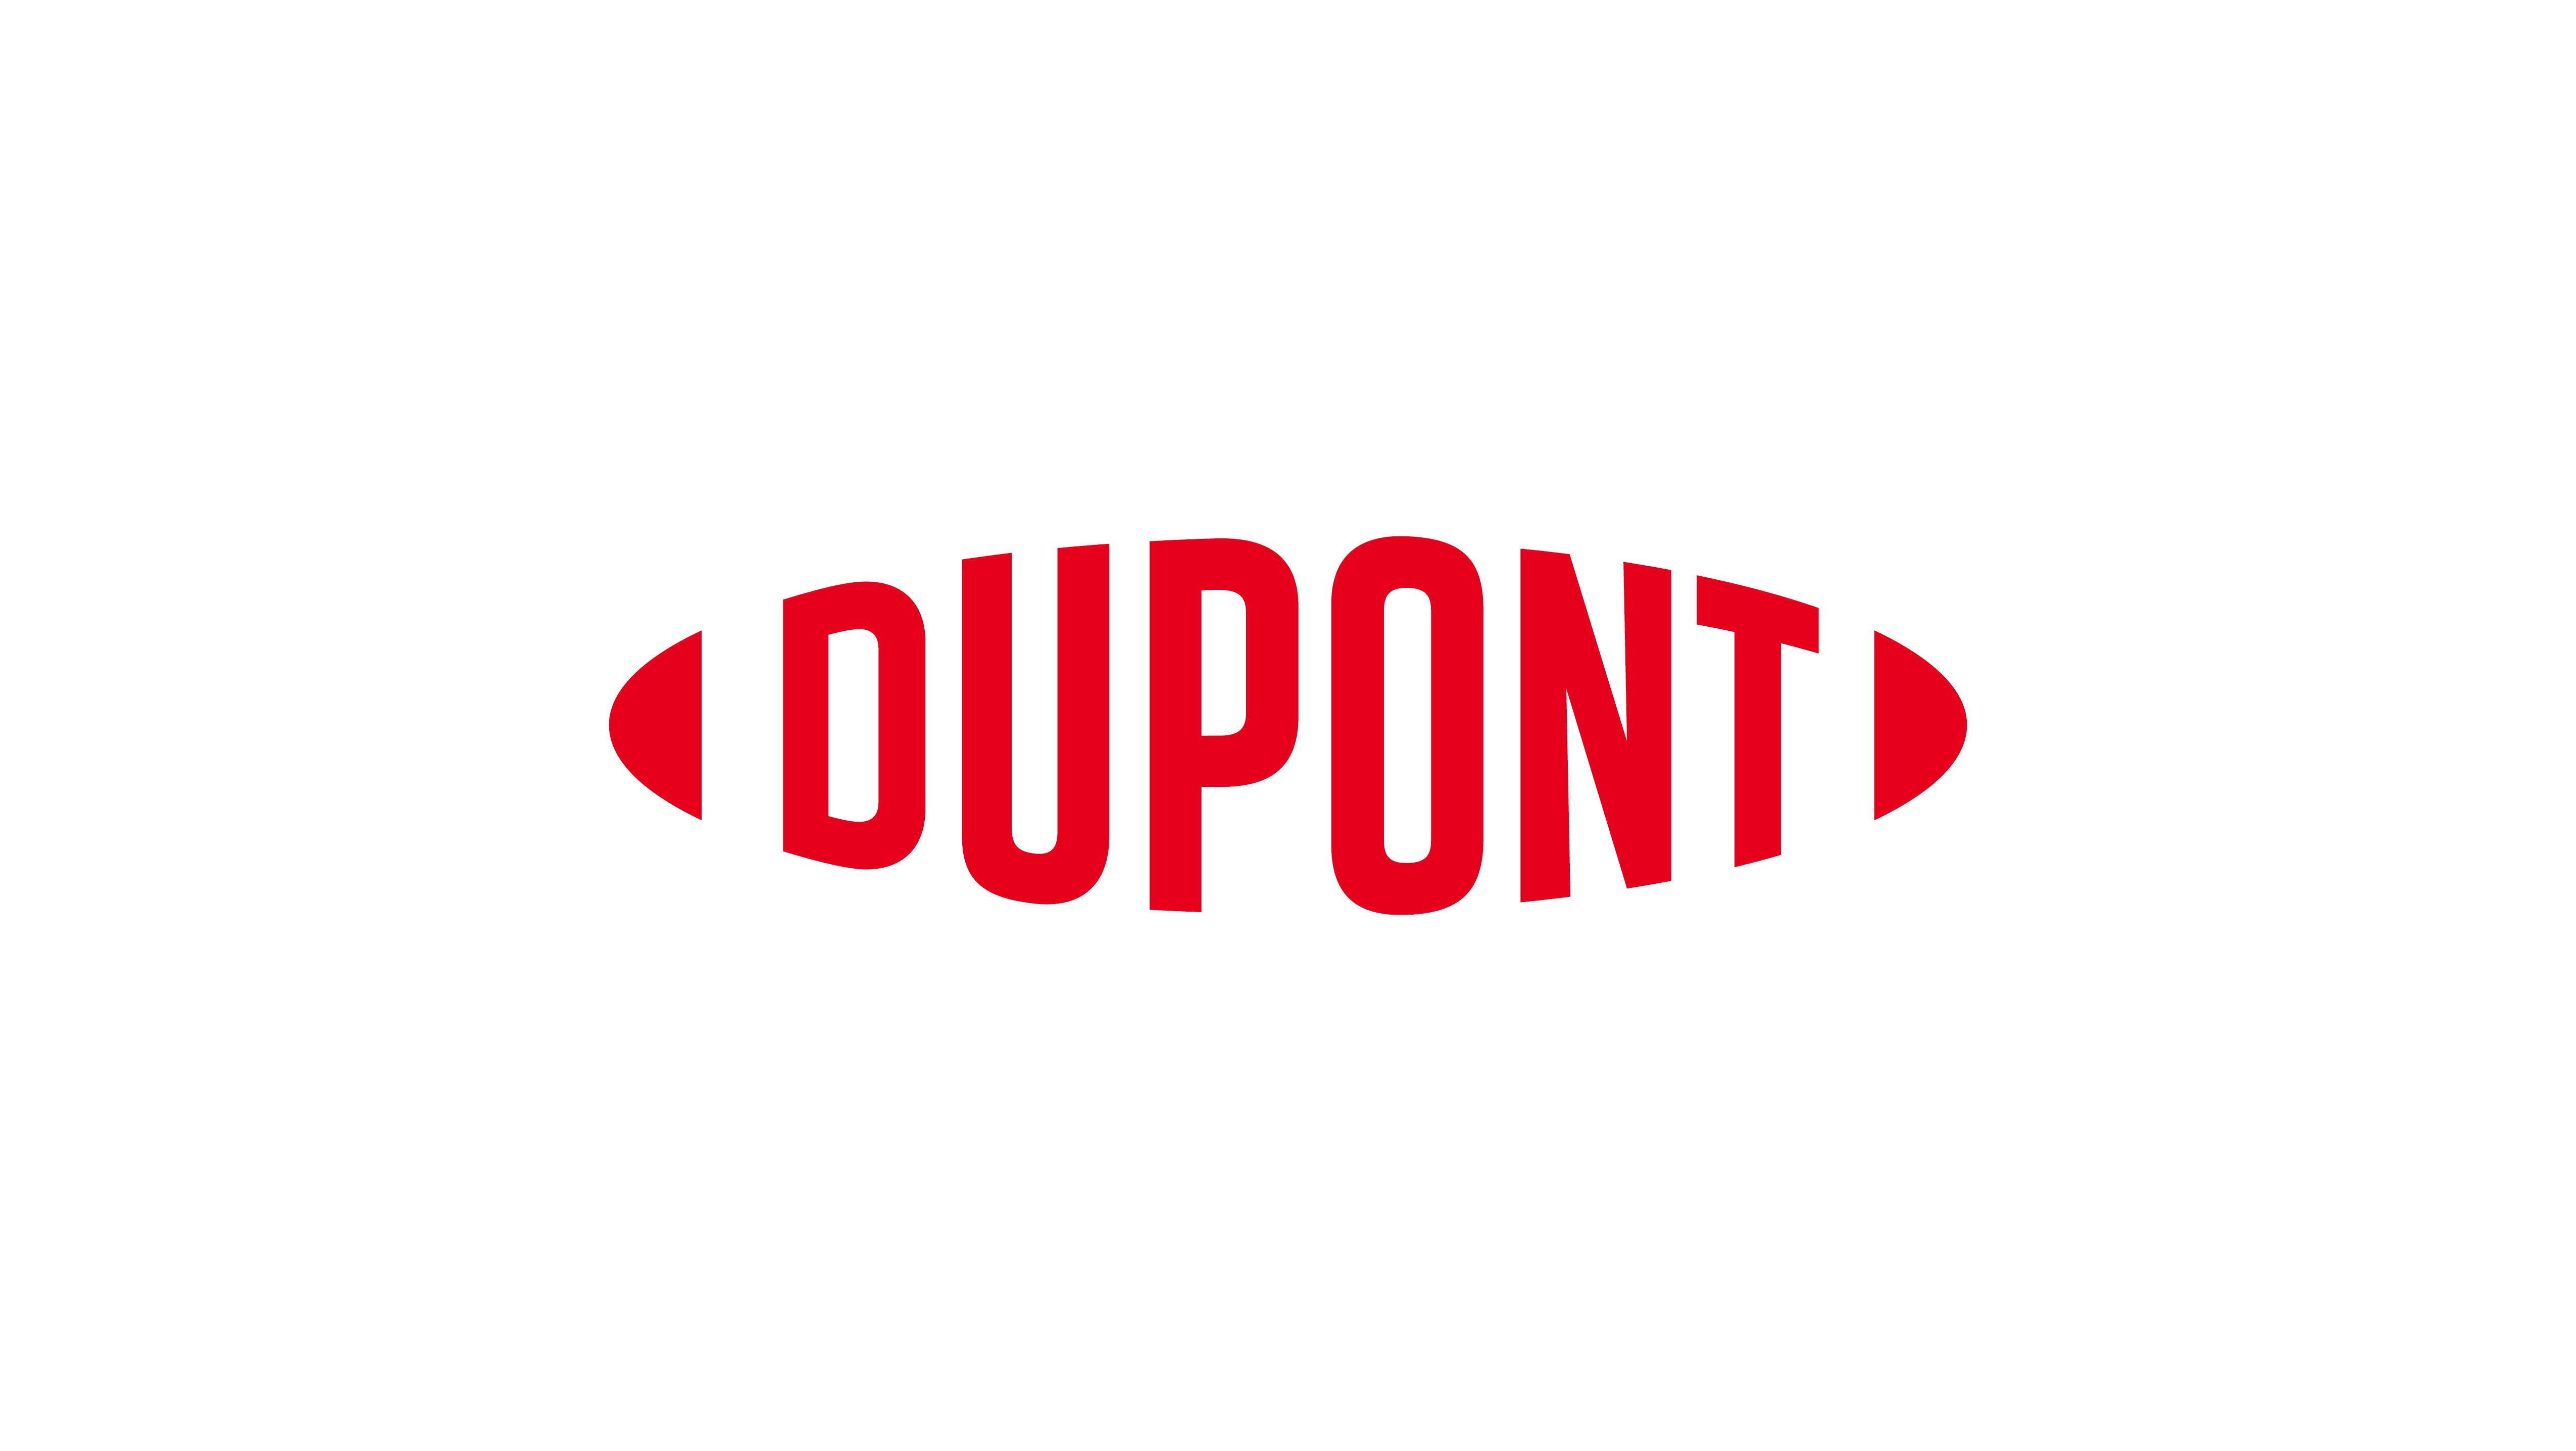 DuPont Üçüncü Çeyrek Finansal Sonuçlarını Açıkladı